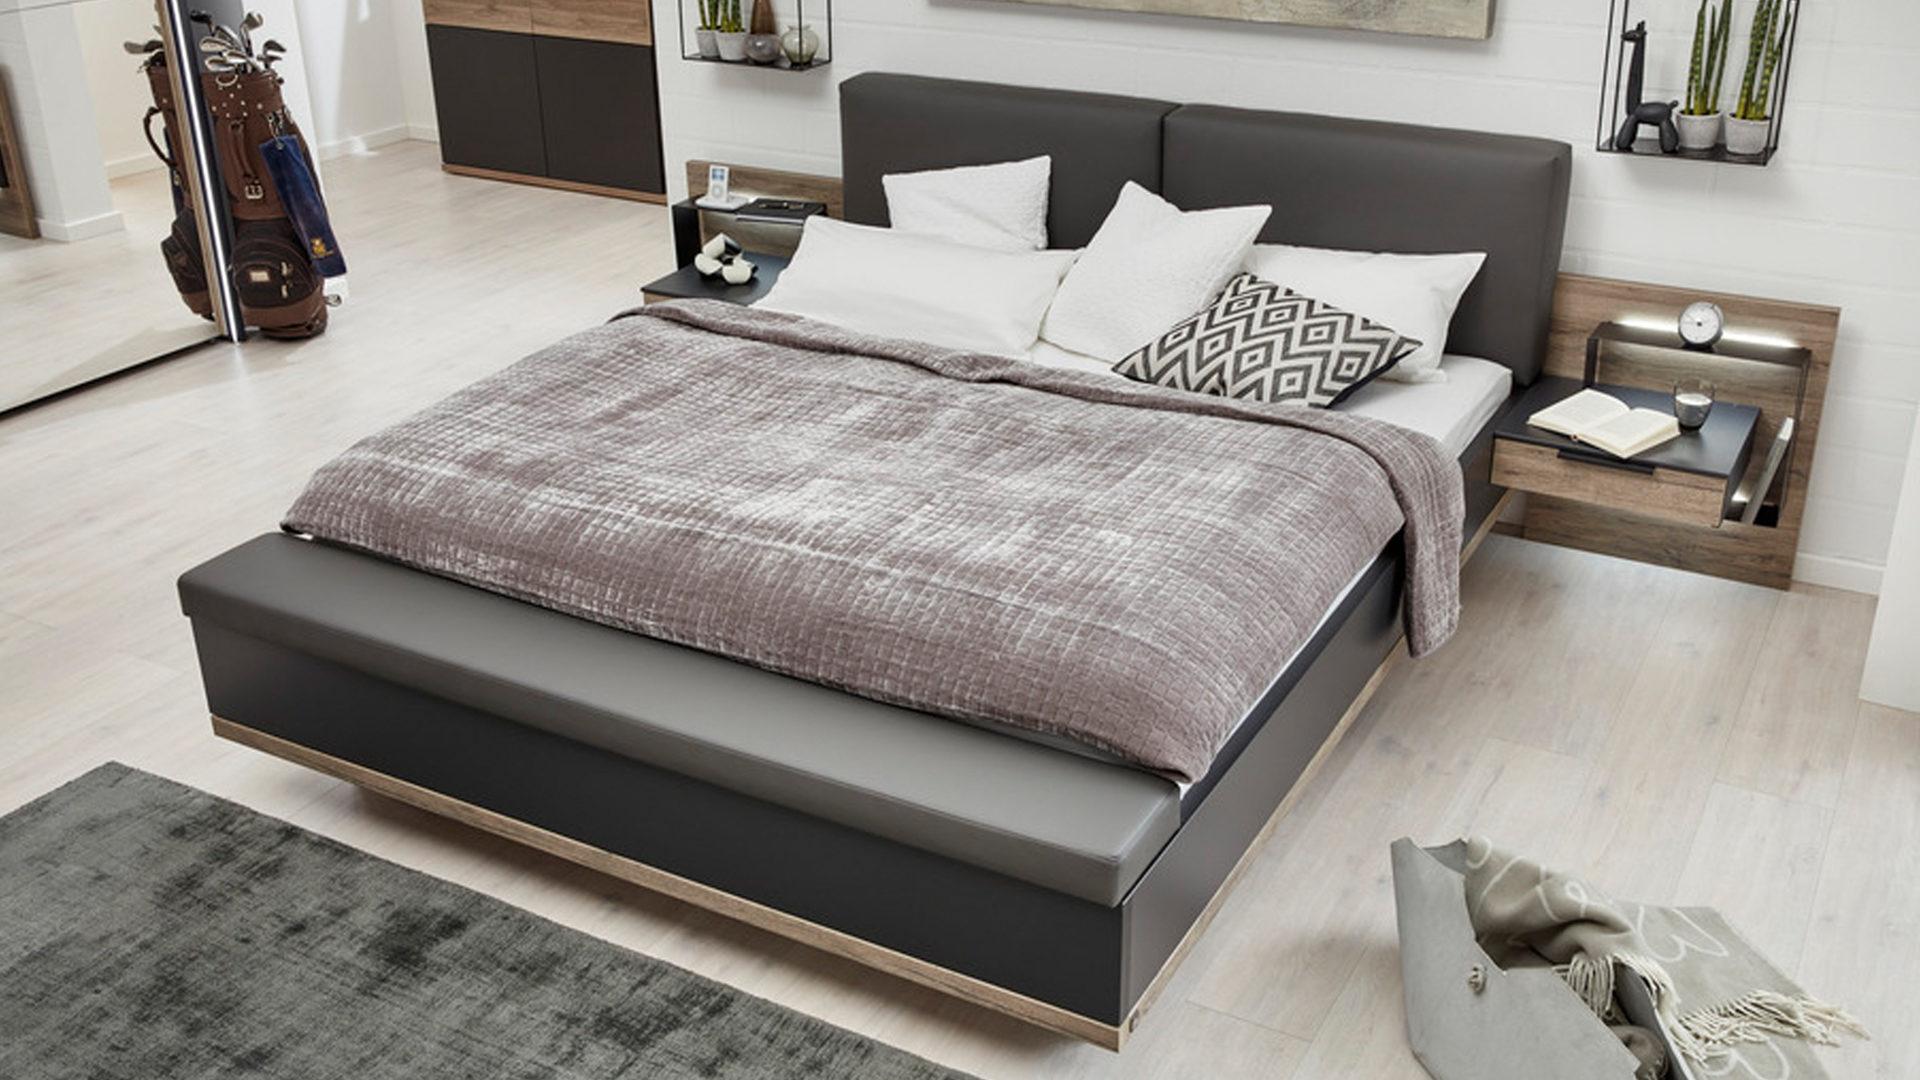 Interliving Schlafzimmer Serie 12 – Bettgestell mit Extras, dunkle  Sanremo eichefarbene & mattschwarze Kunststoffoberfläche